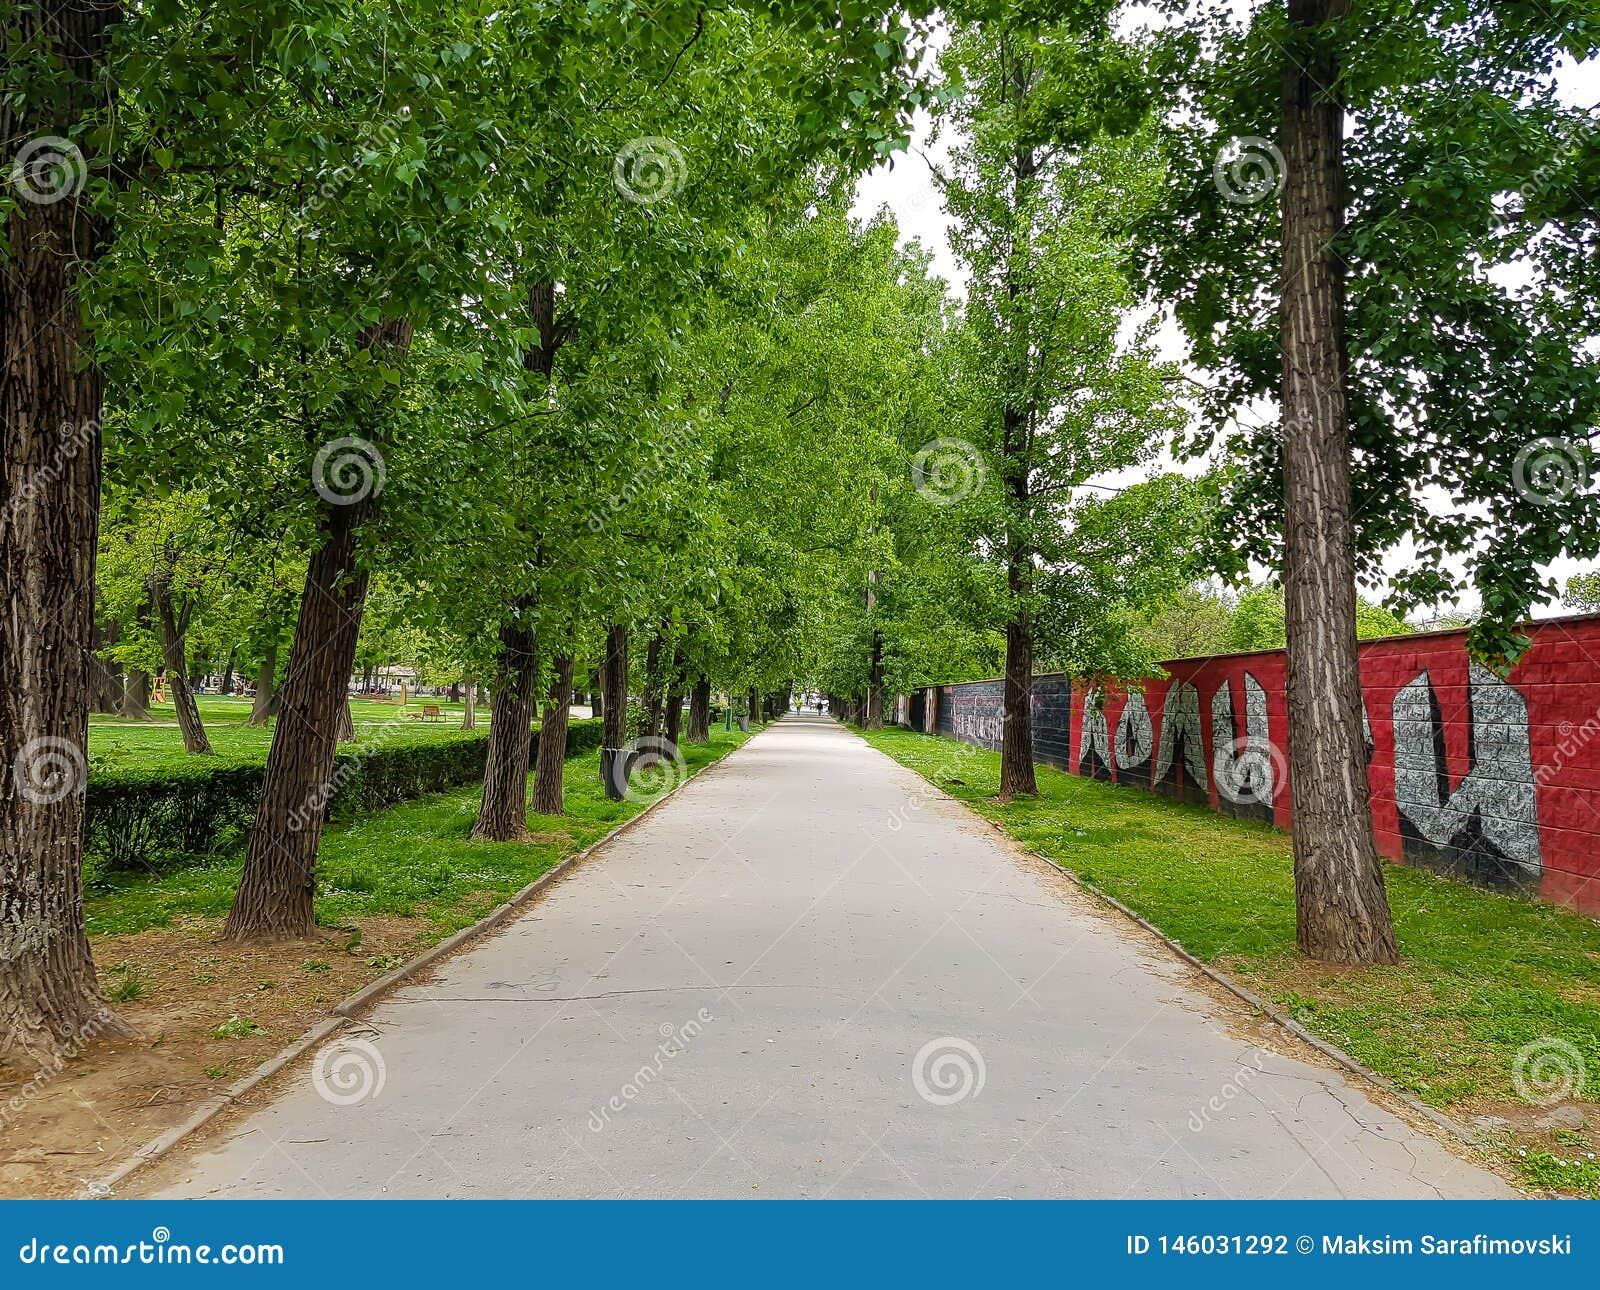 Grote weg door rij van bomen in stadspark